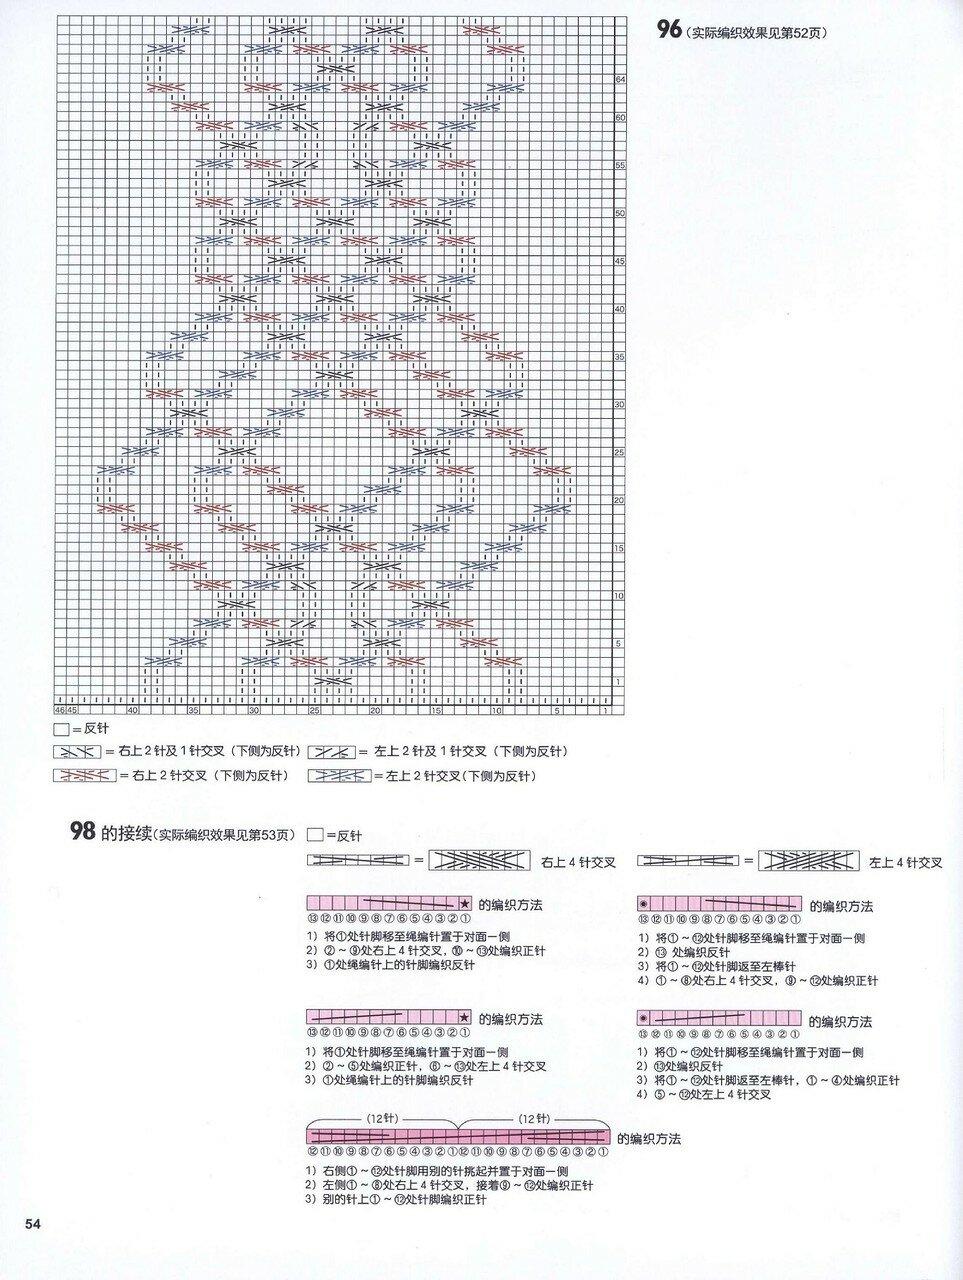 150 Knitting_56.jpg